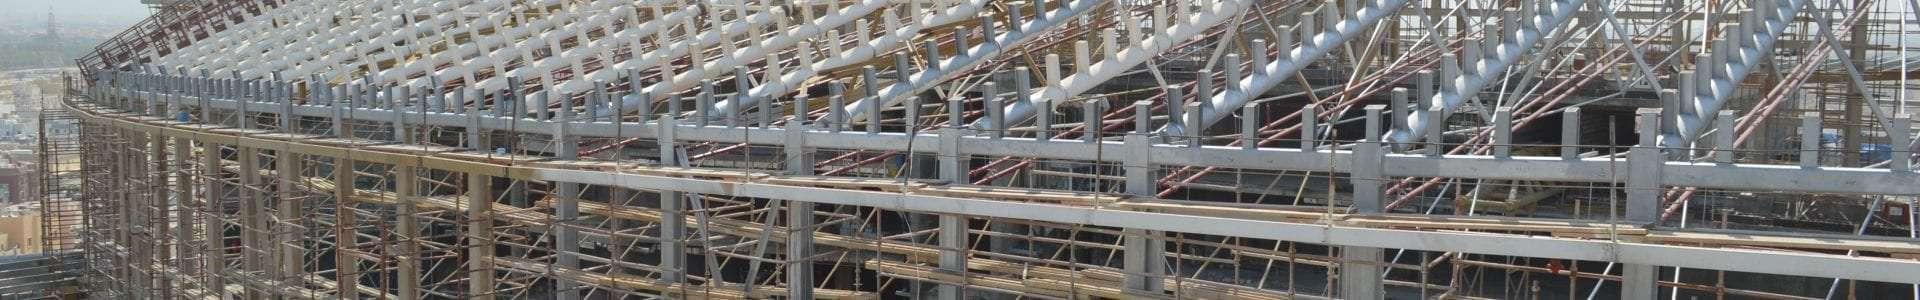 Laser scanning to determine deformation of steel structure in kuwait